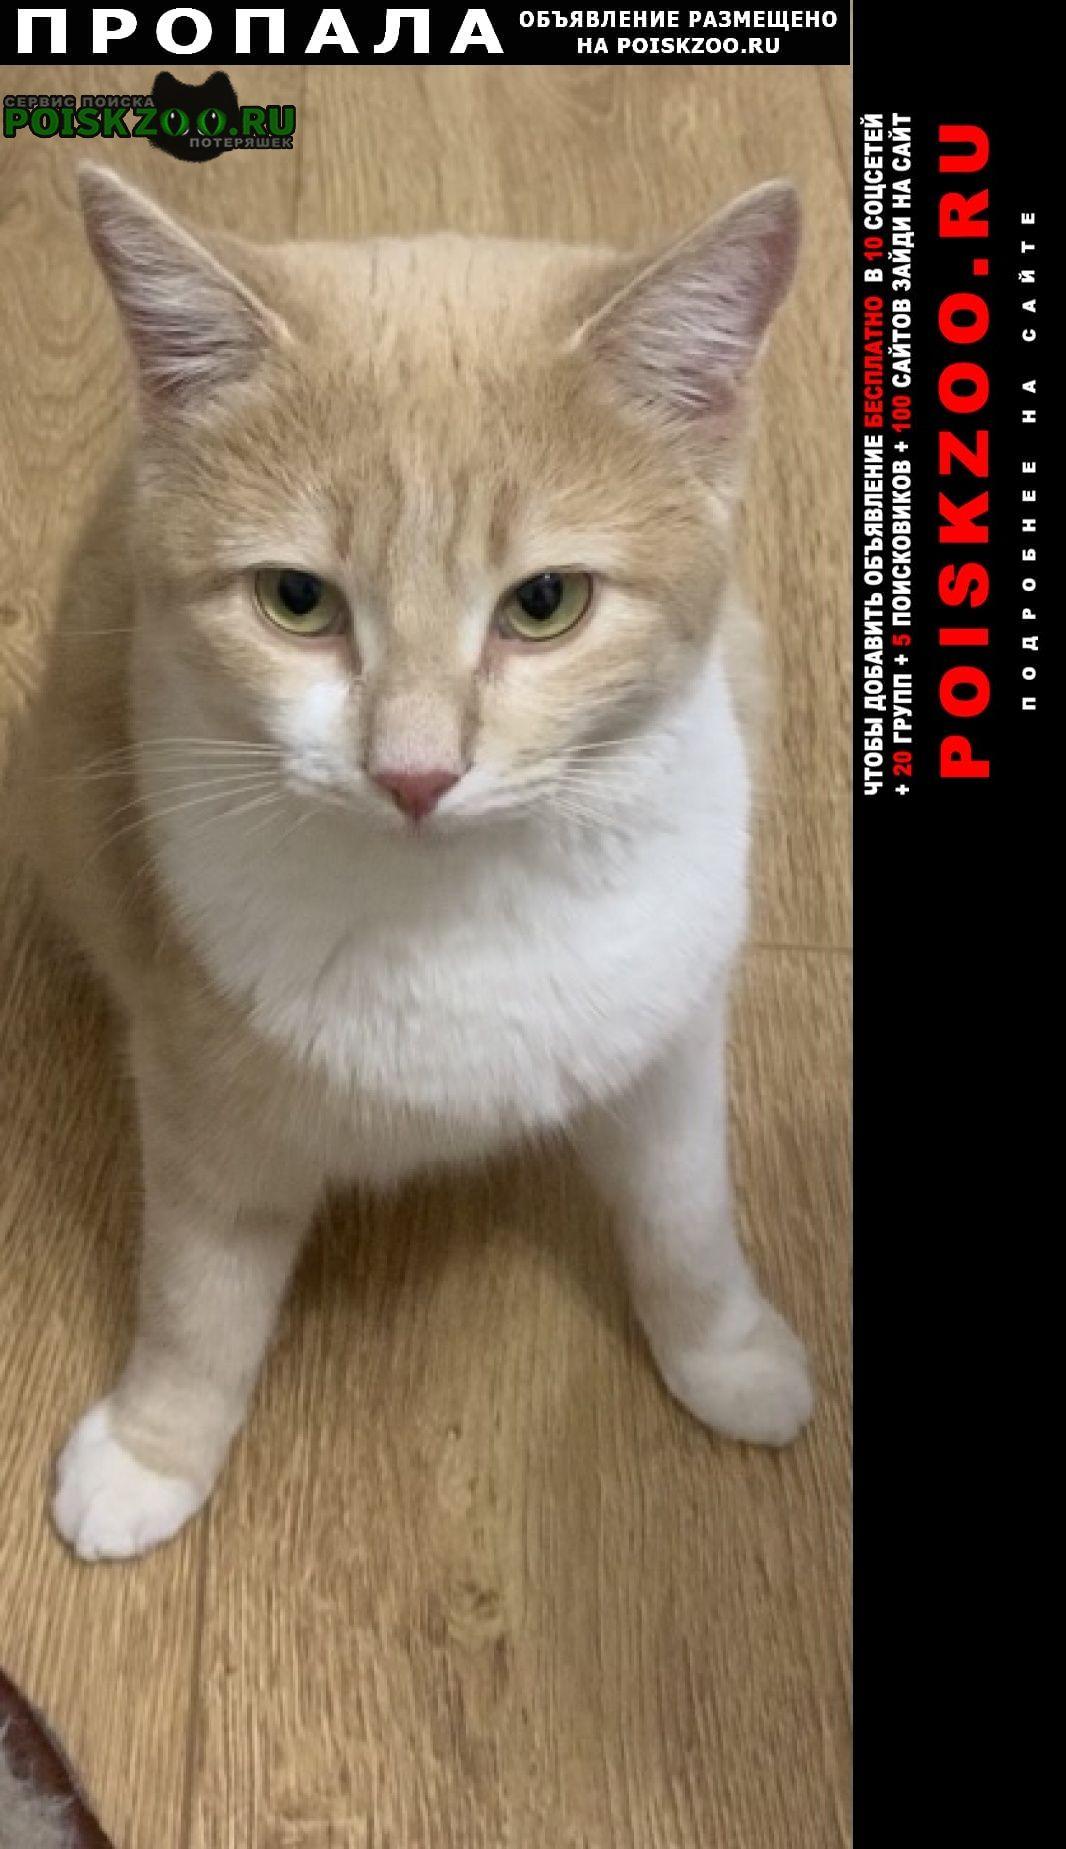 Пропала кошка маша Ставрополь